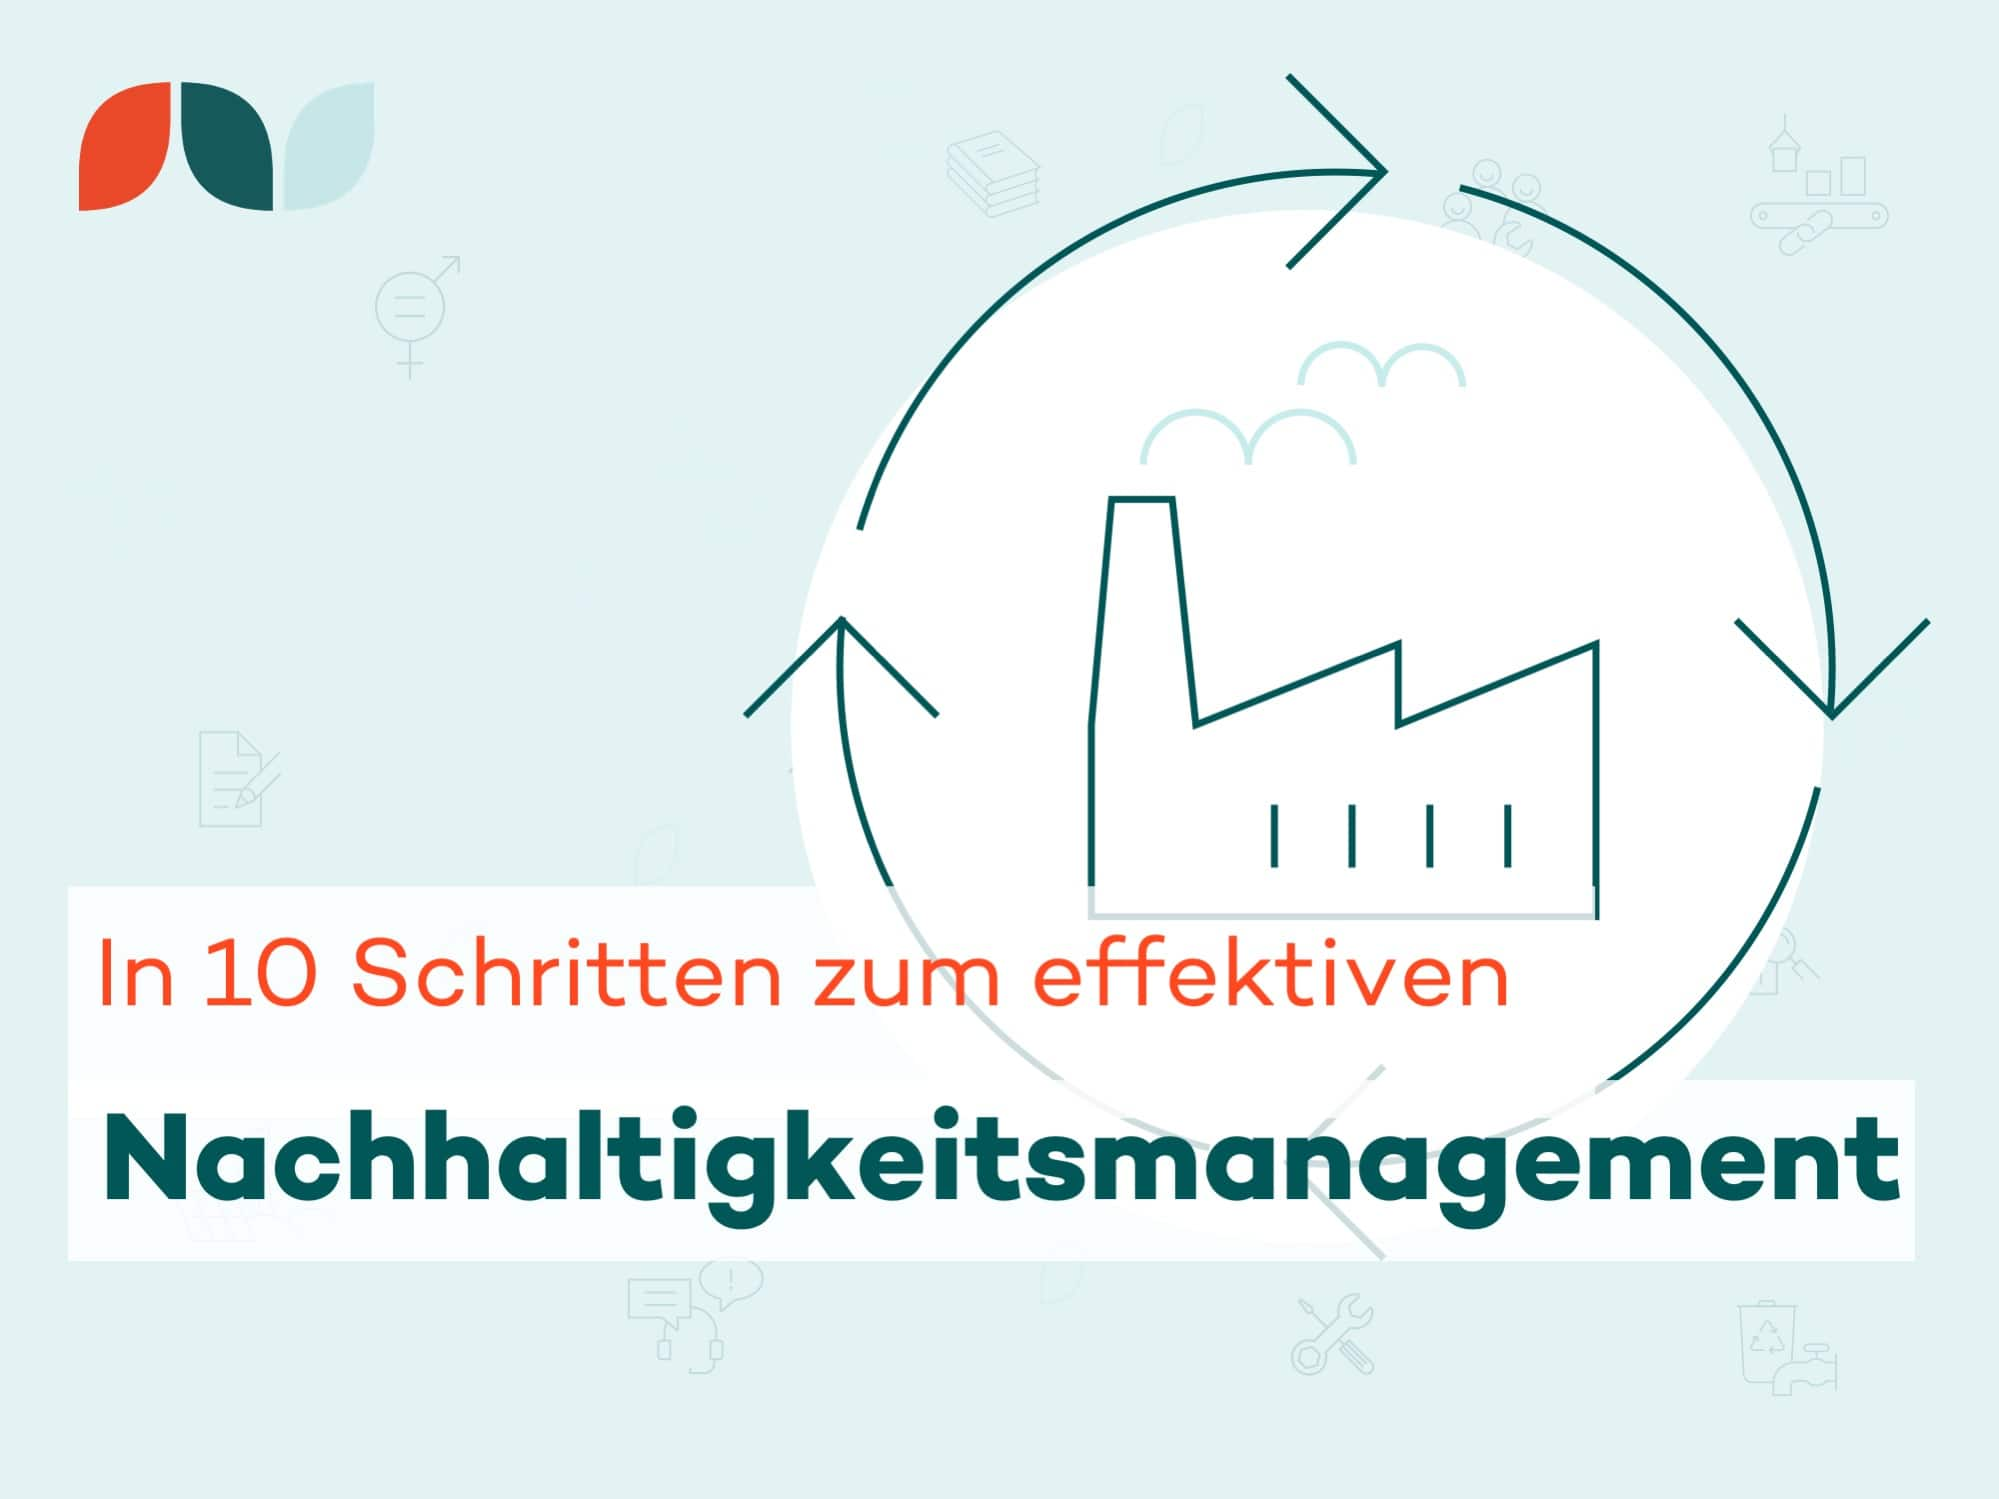 Thumbnail-In 10 Schritten zum effektiven Nachhaltigkeitsmanagement